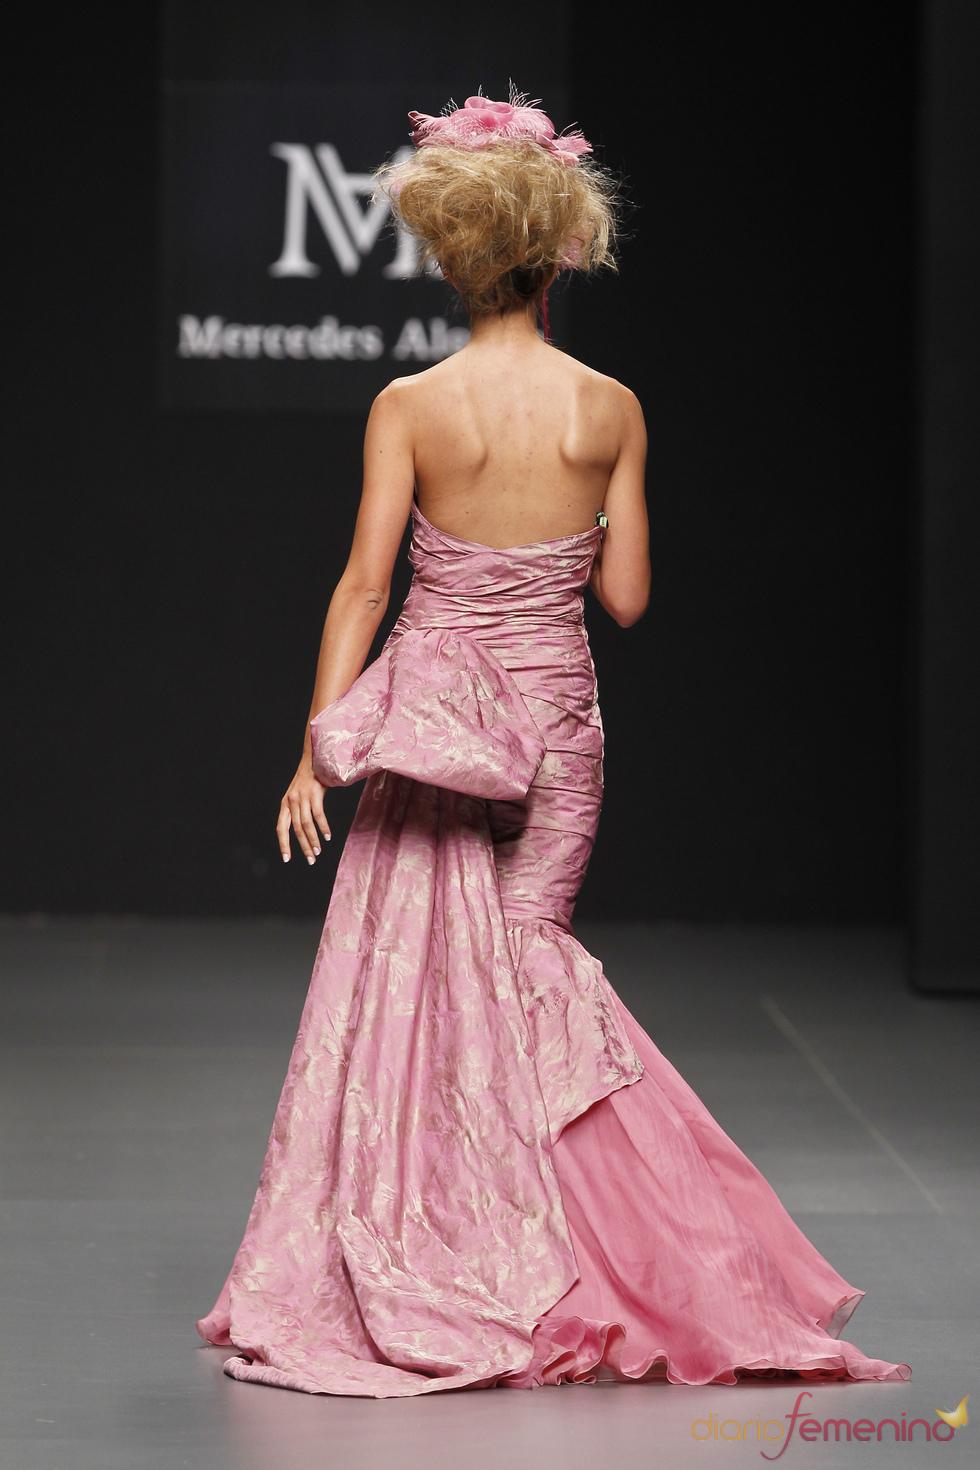 Mercedes Alonso ofrece glamour en Cibeles Novias 2010